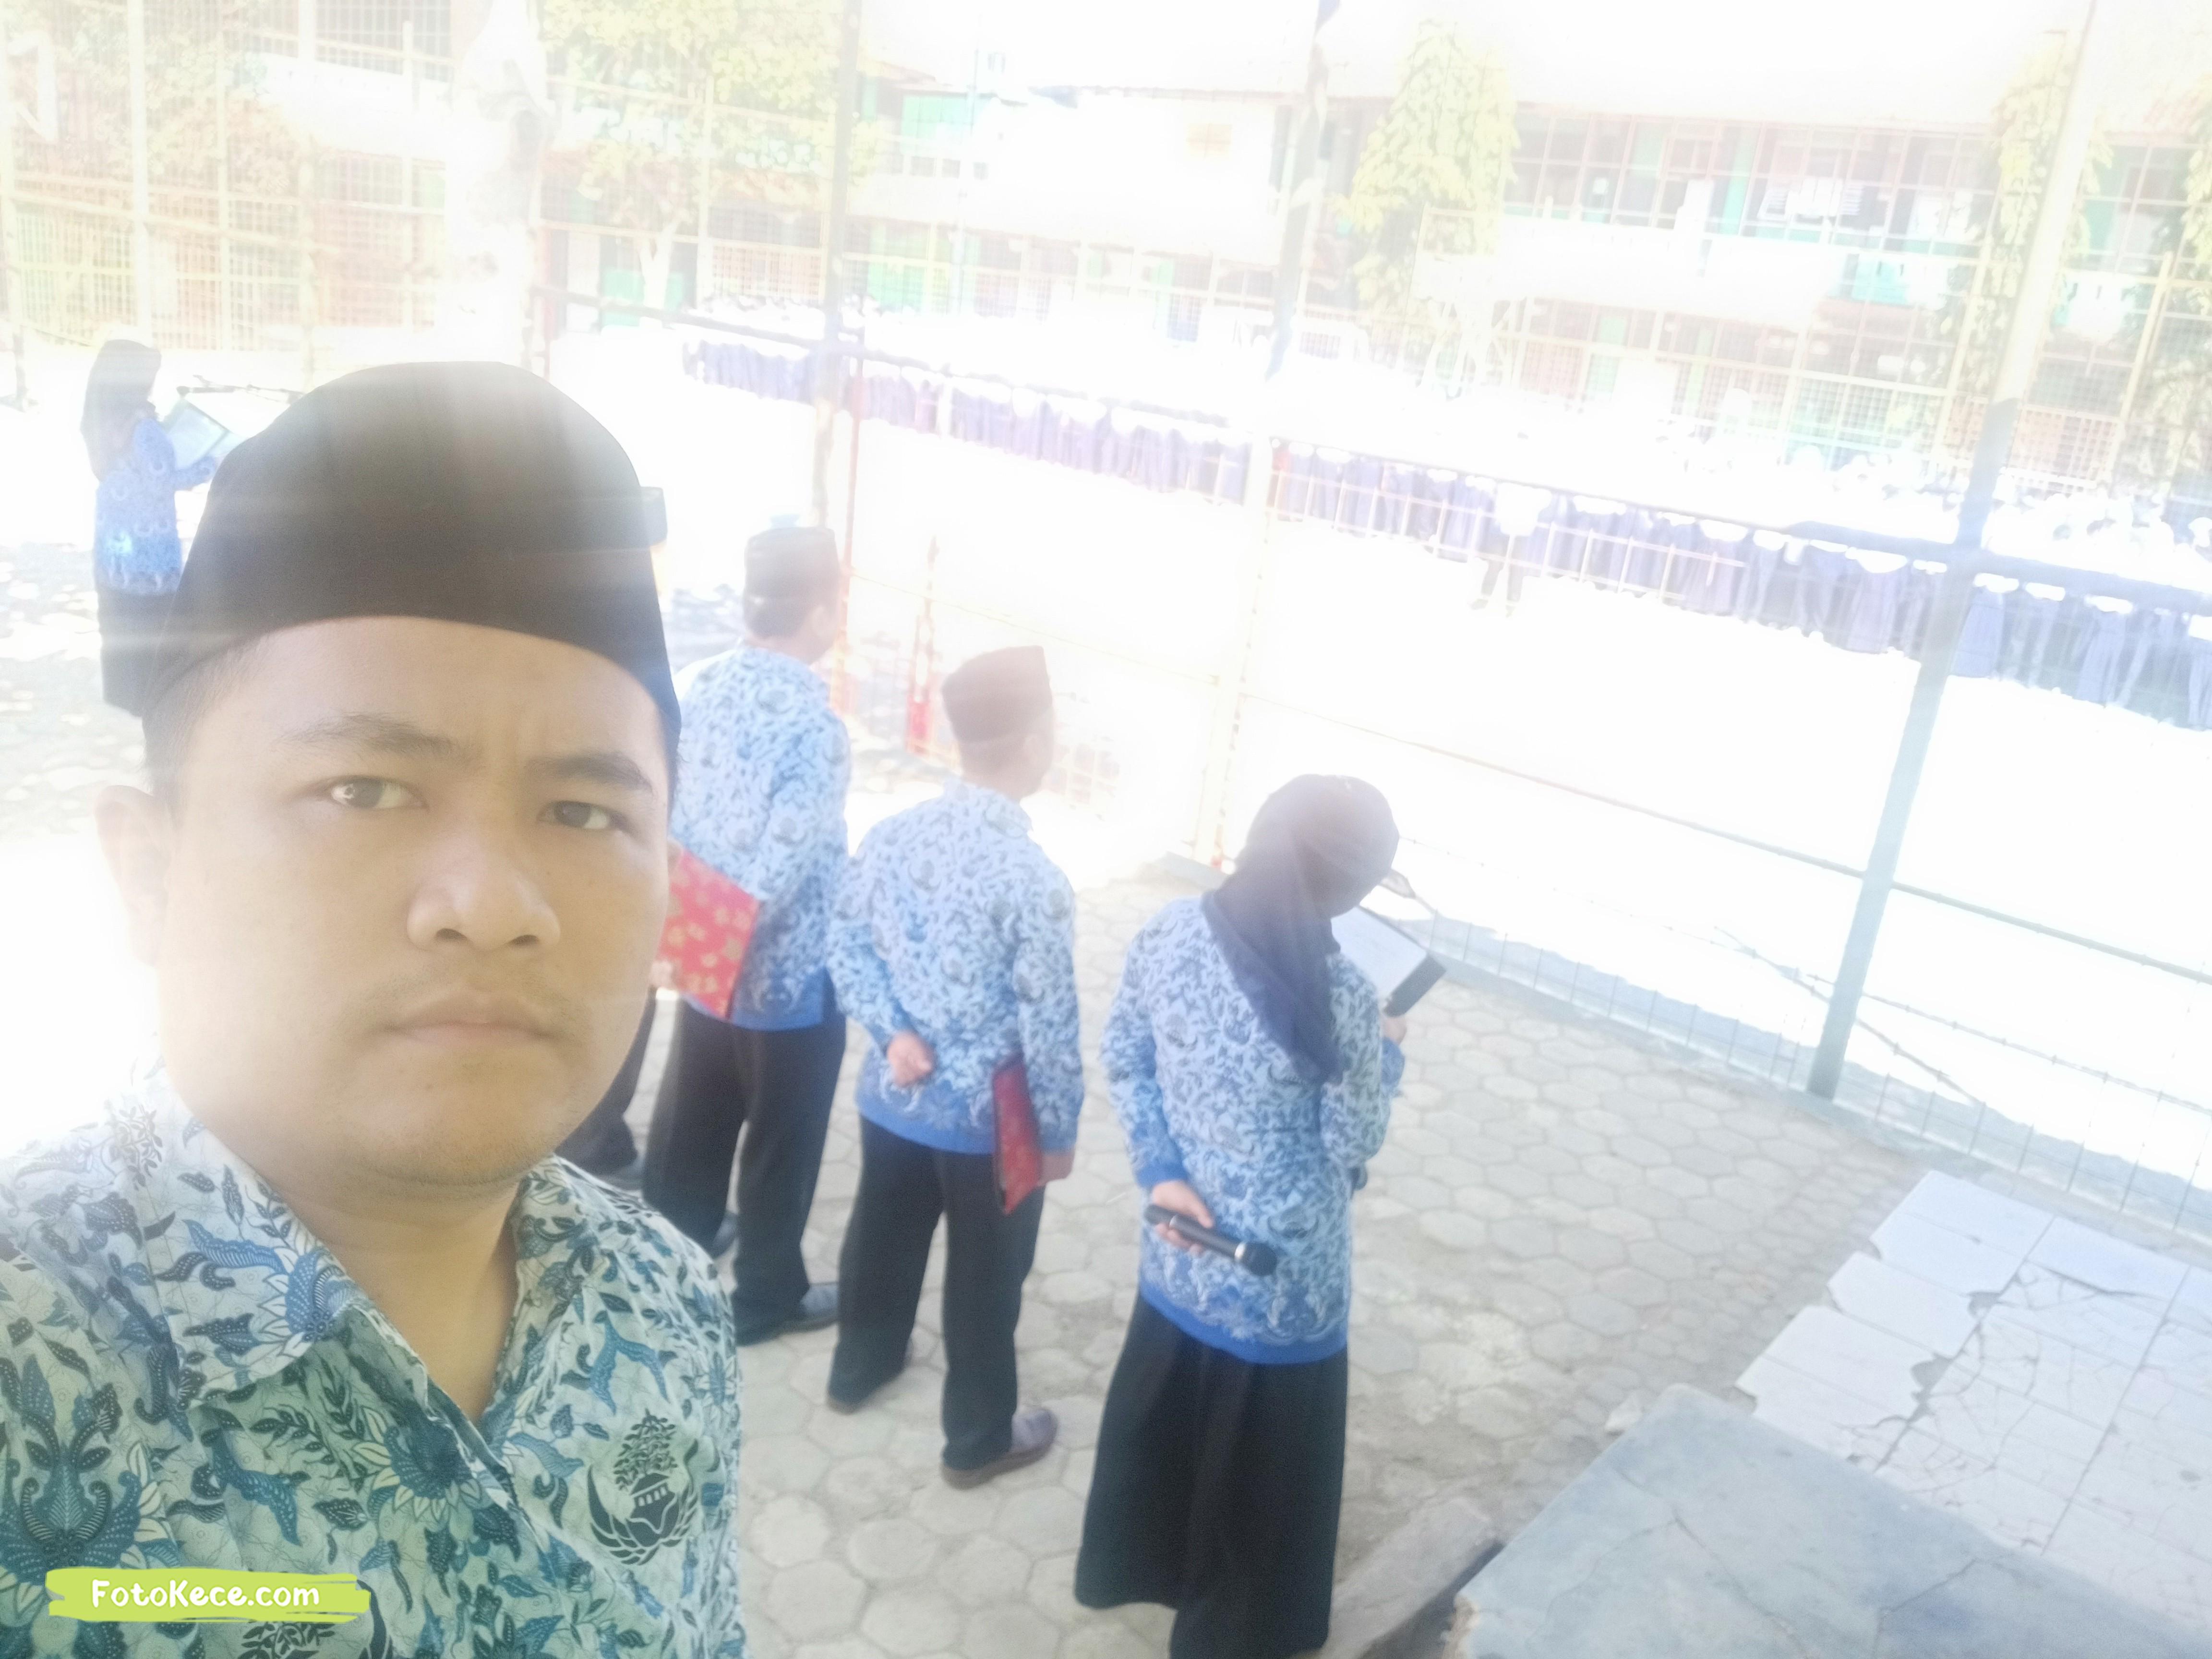 opm hari kesaktian pancasila 1 oktober mtsn2 sukabumi fotokece 2019 40